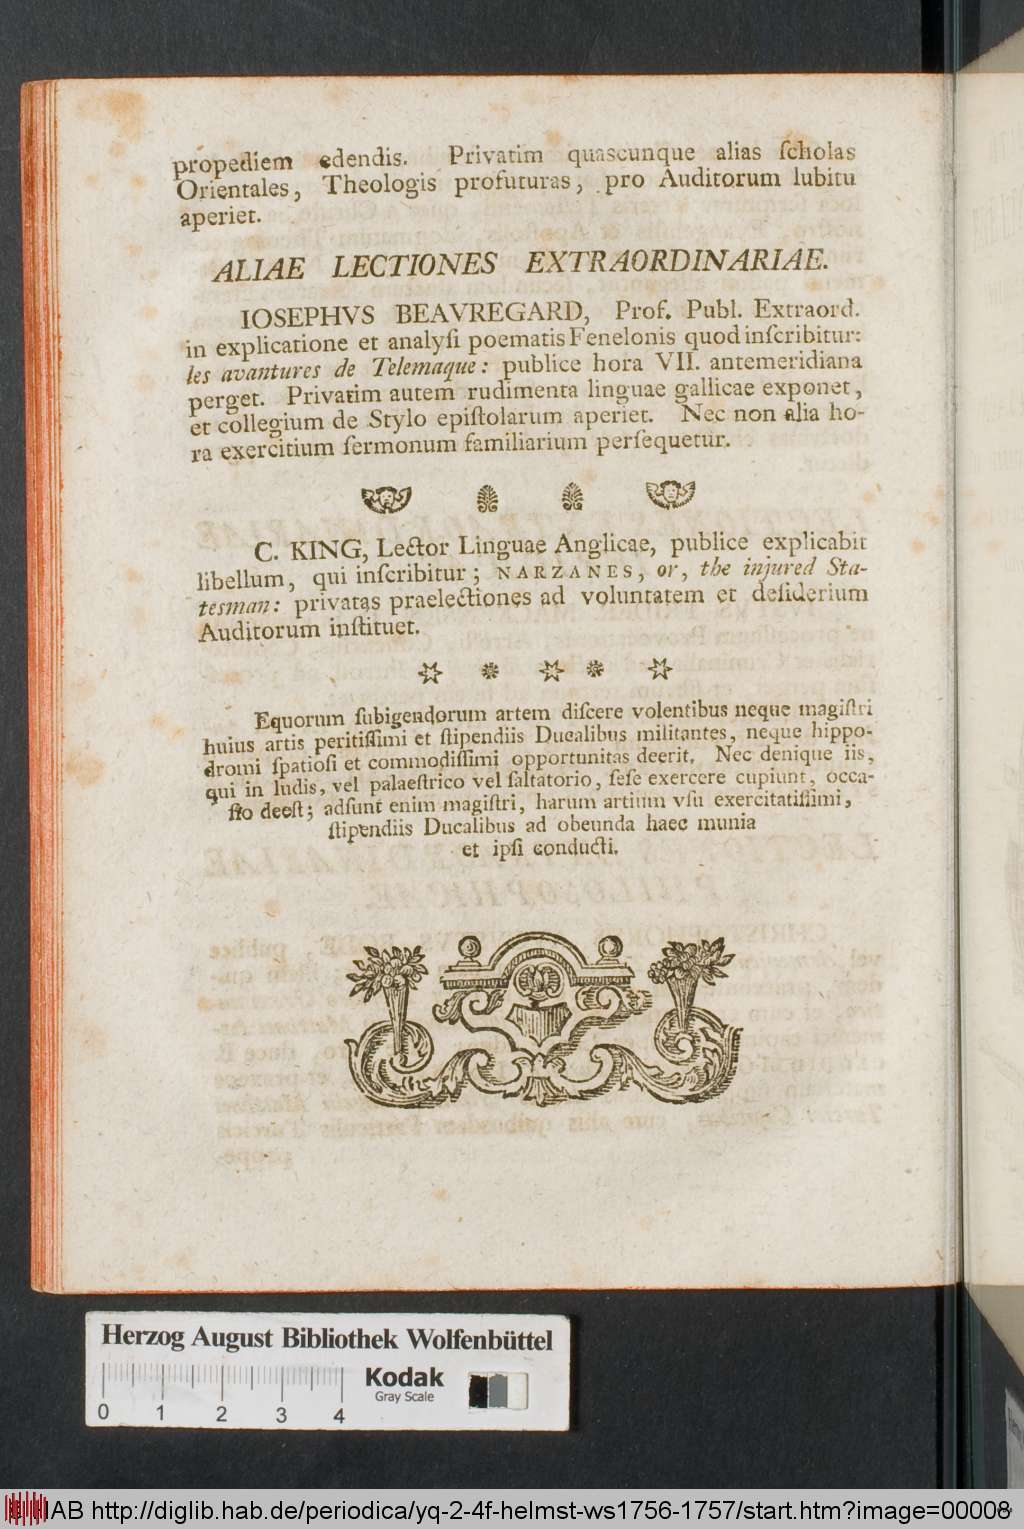 http://diglib.hab.de/periodica/yq-2-4f-helmst-ws1756-1757/00008.jpg